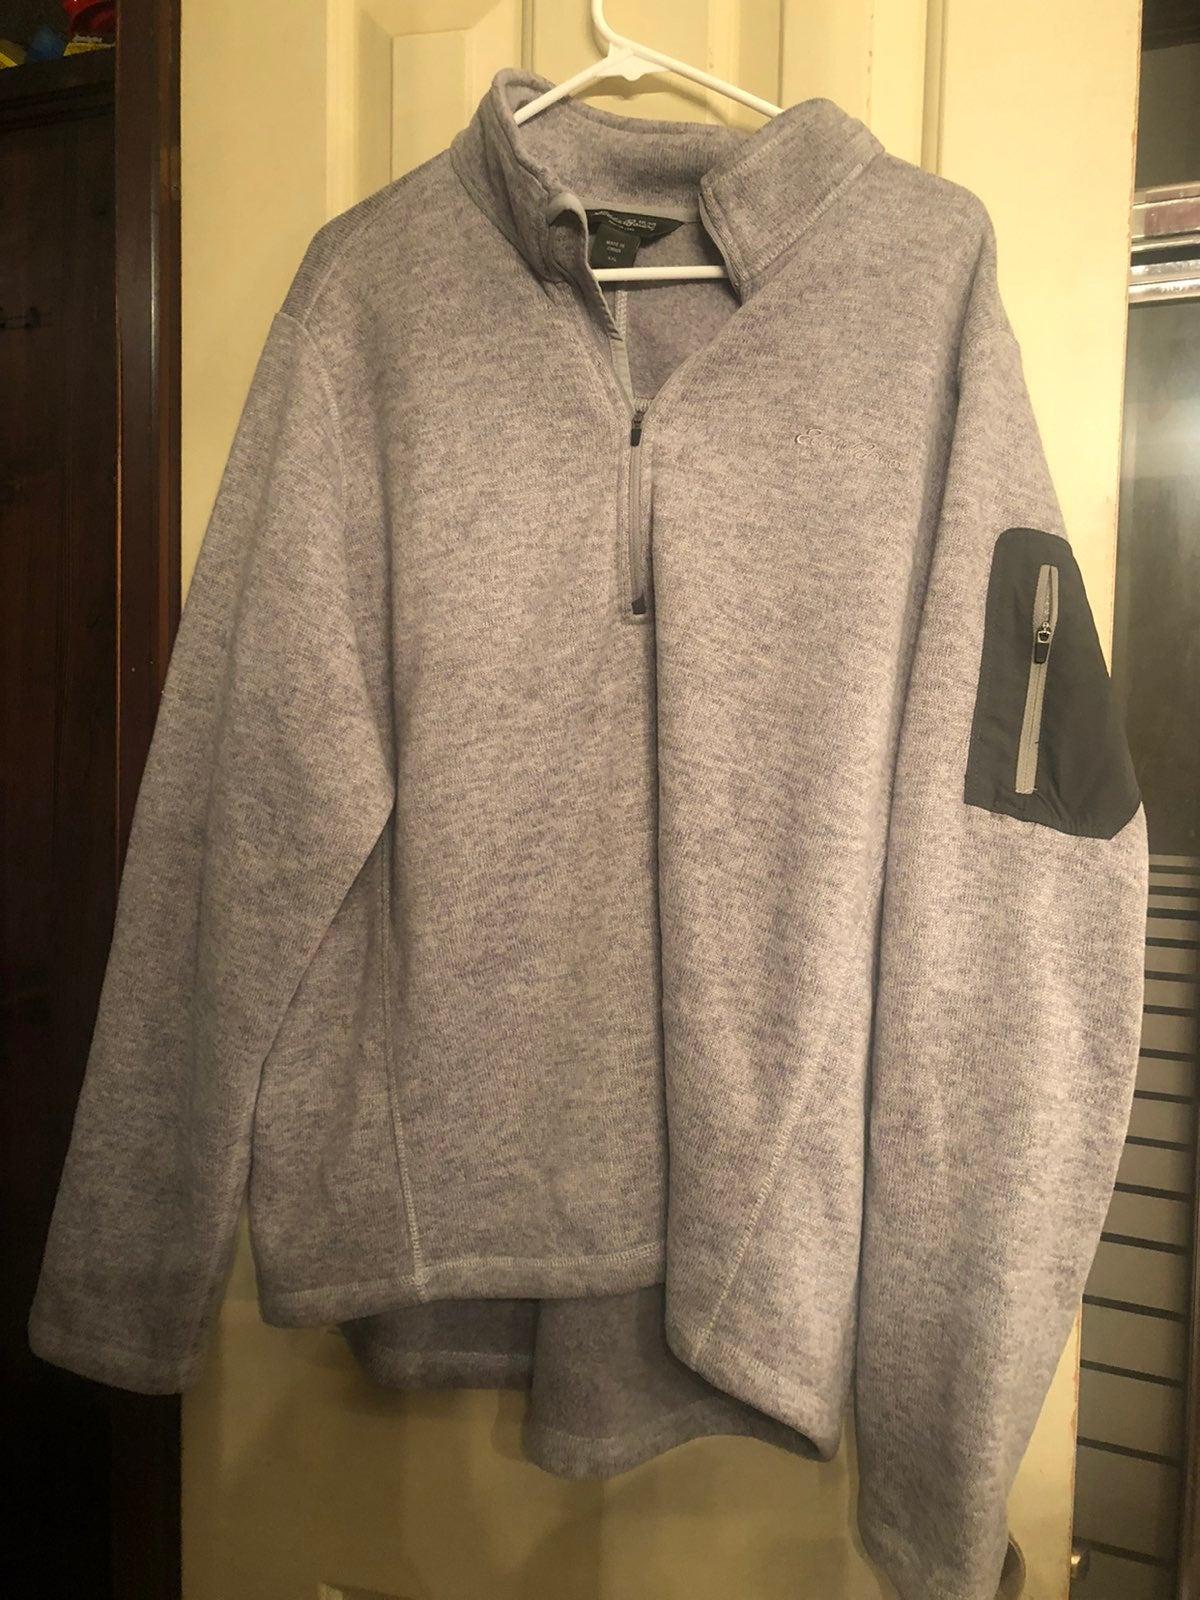 2xl eddie baurer heavy sweater